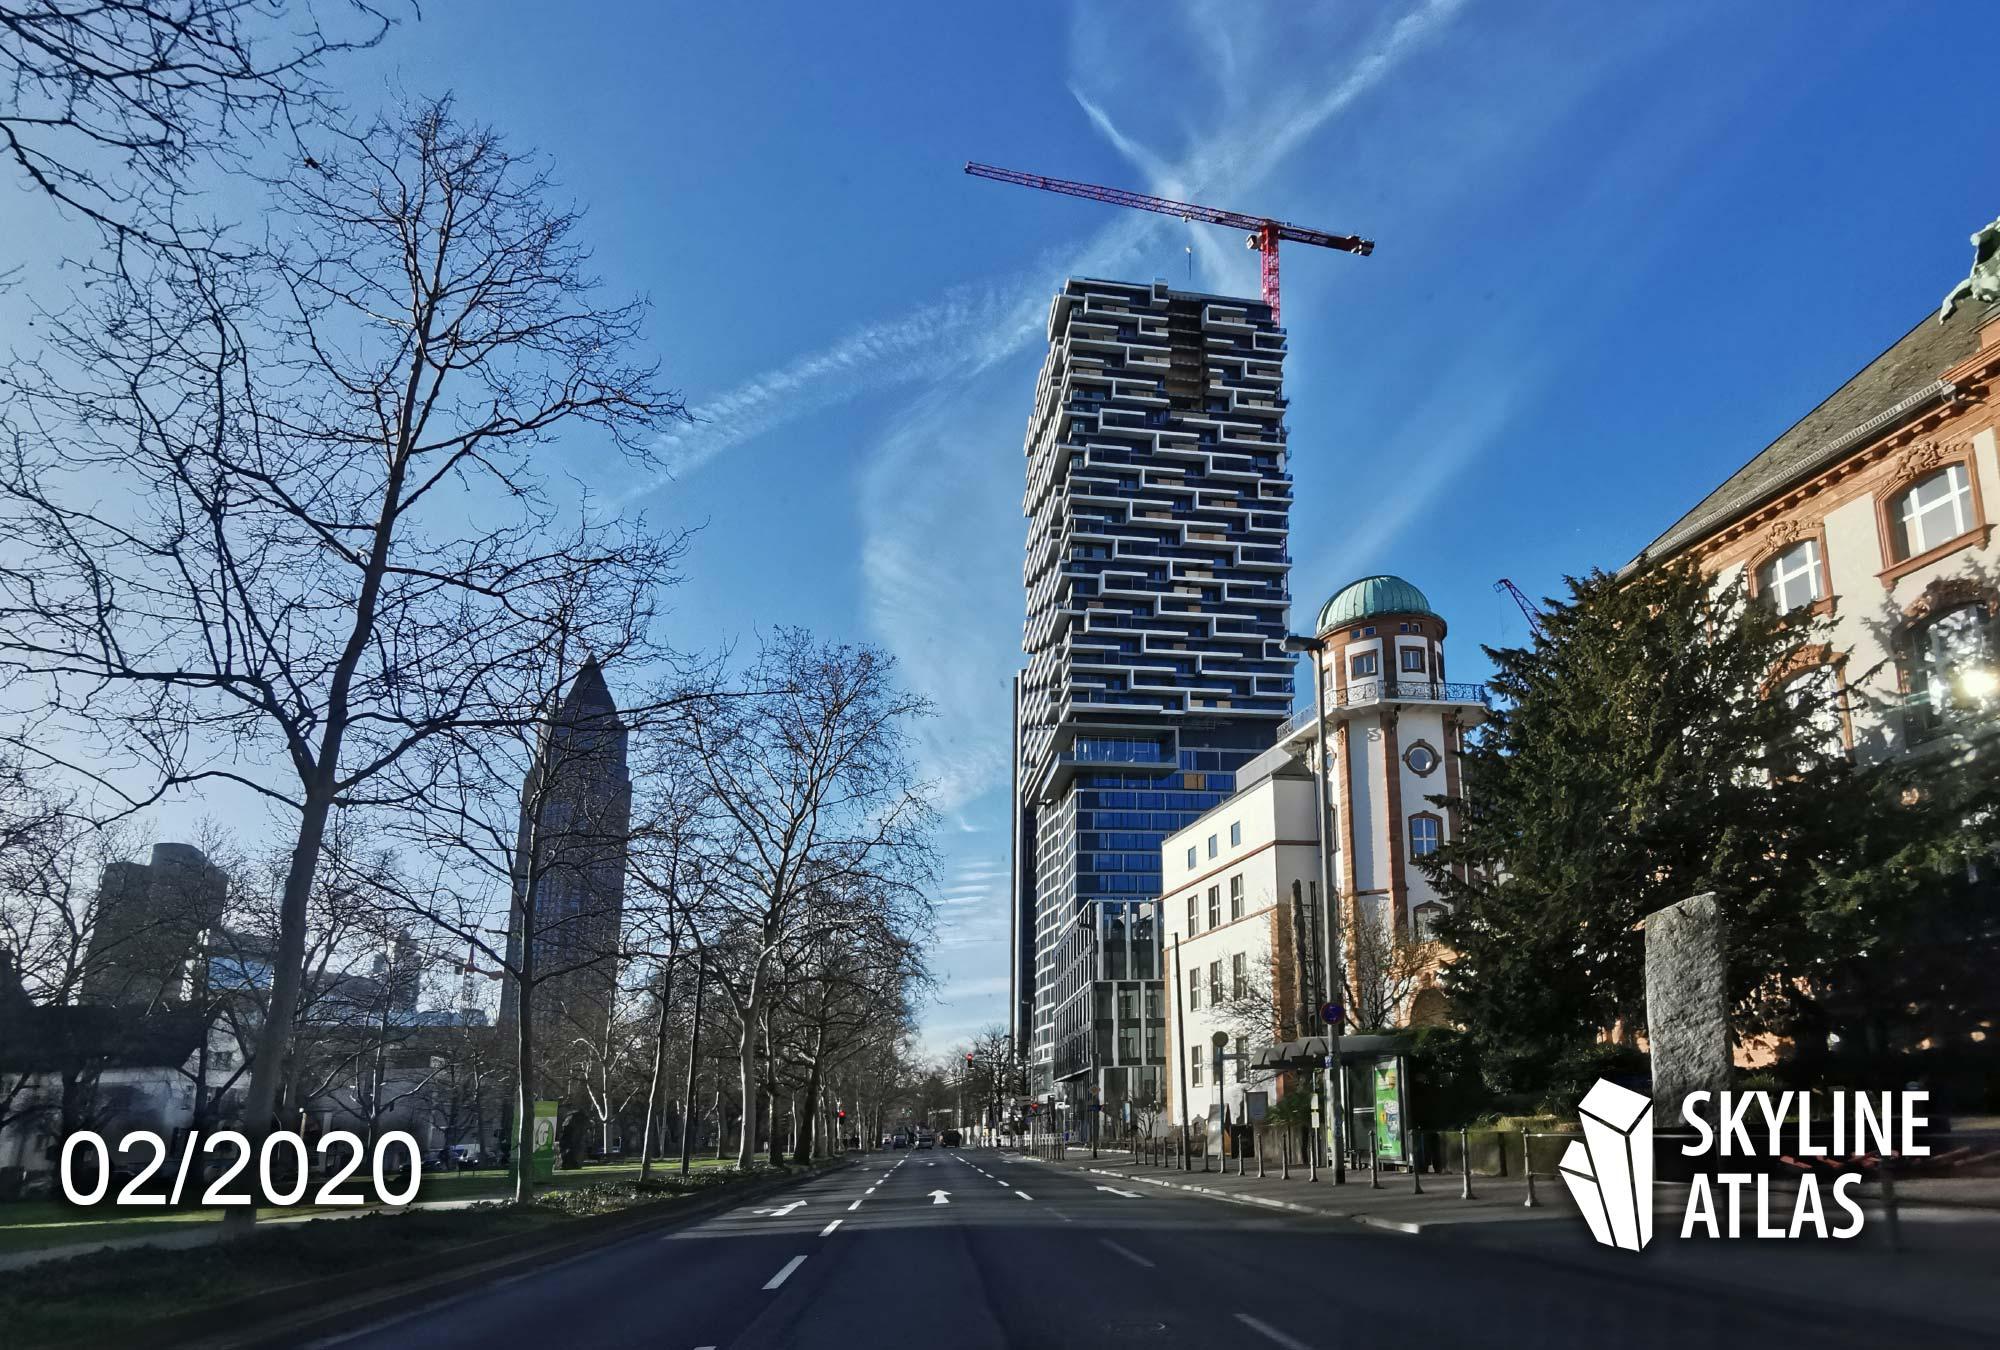 140West Frankfurt - 140 West - Neues Hochhaus ONE FORTY WEST - Senckenberg Quartier - Hochhaus Kulturcampus - Baufortschritt Februar 2020